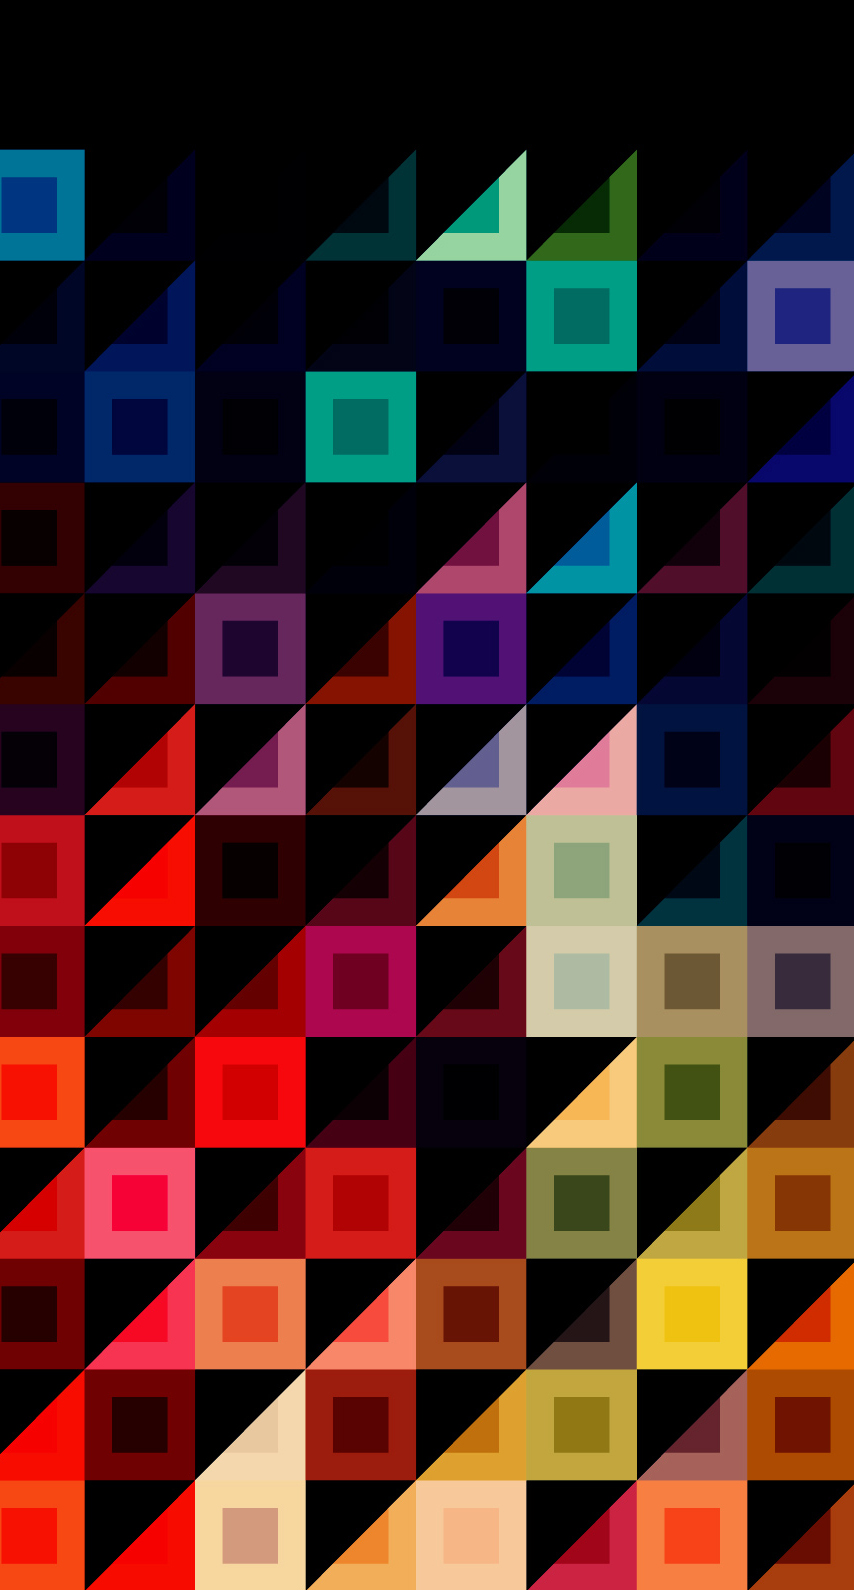 tile, pixel, graphic, design, background, wallpaper, desktop, illustration, shape, element